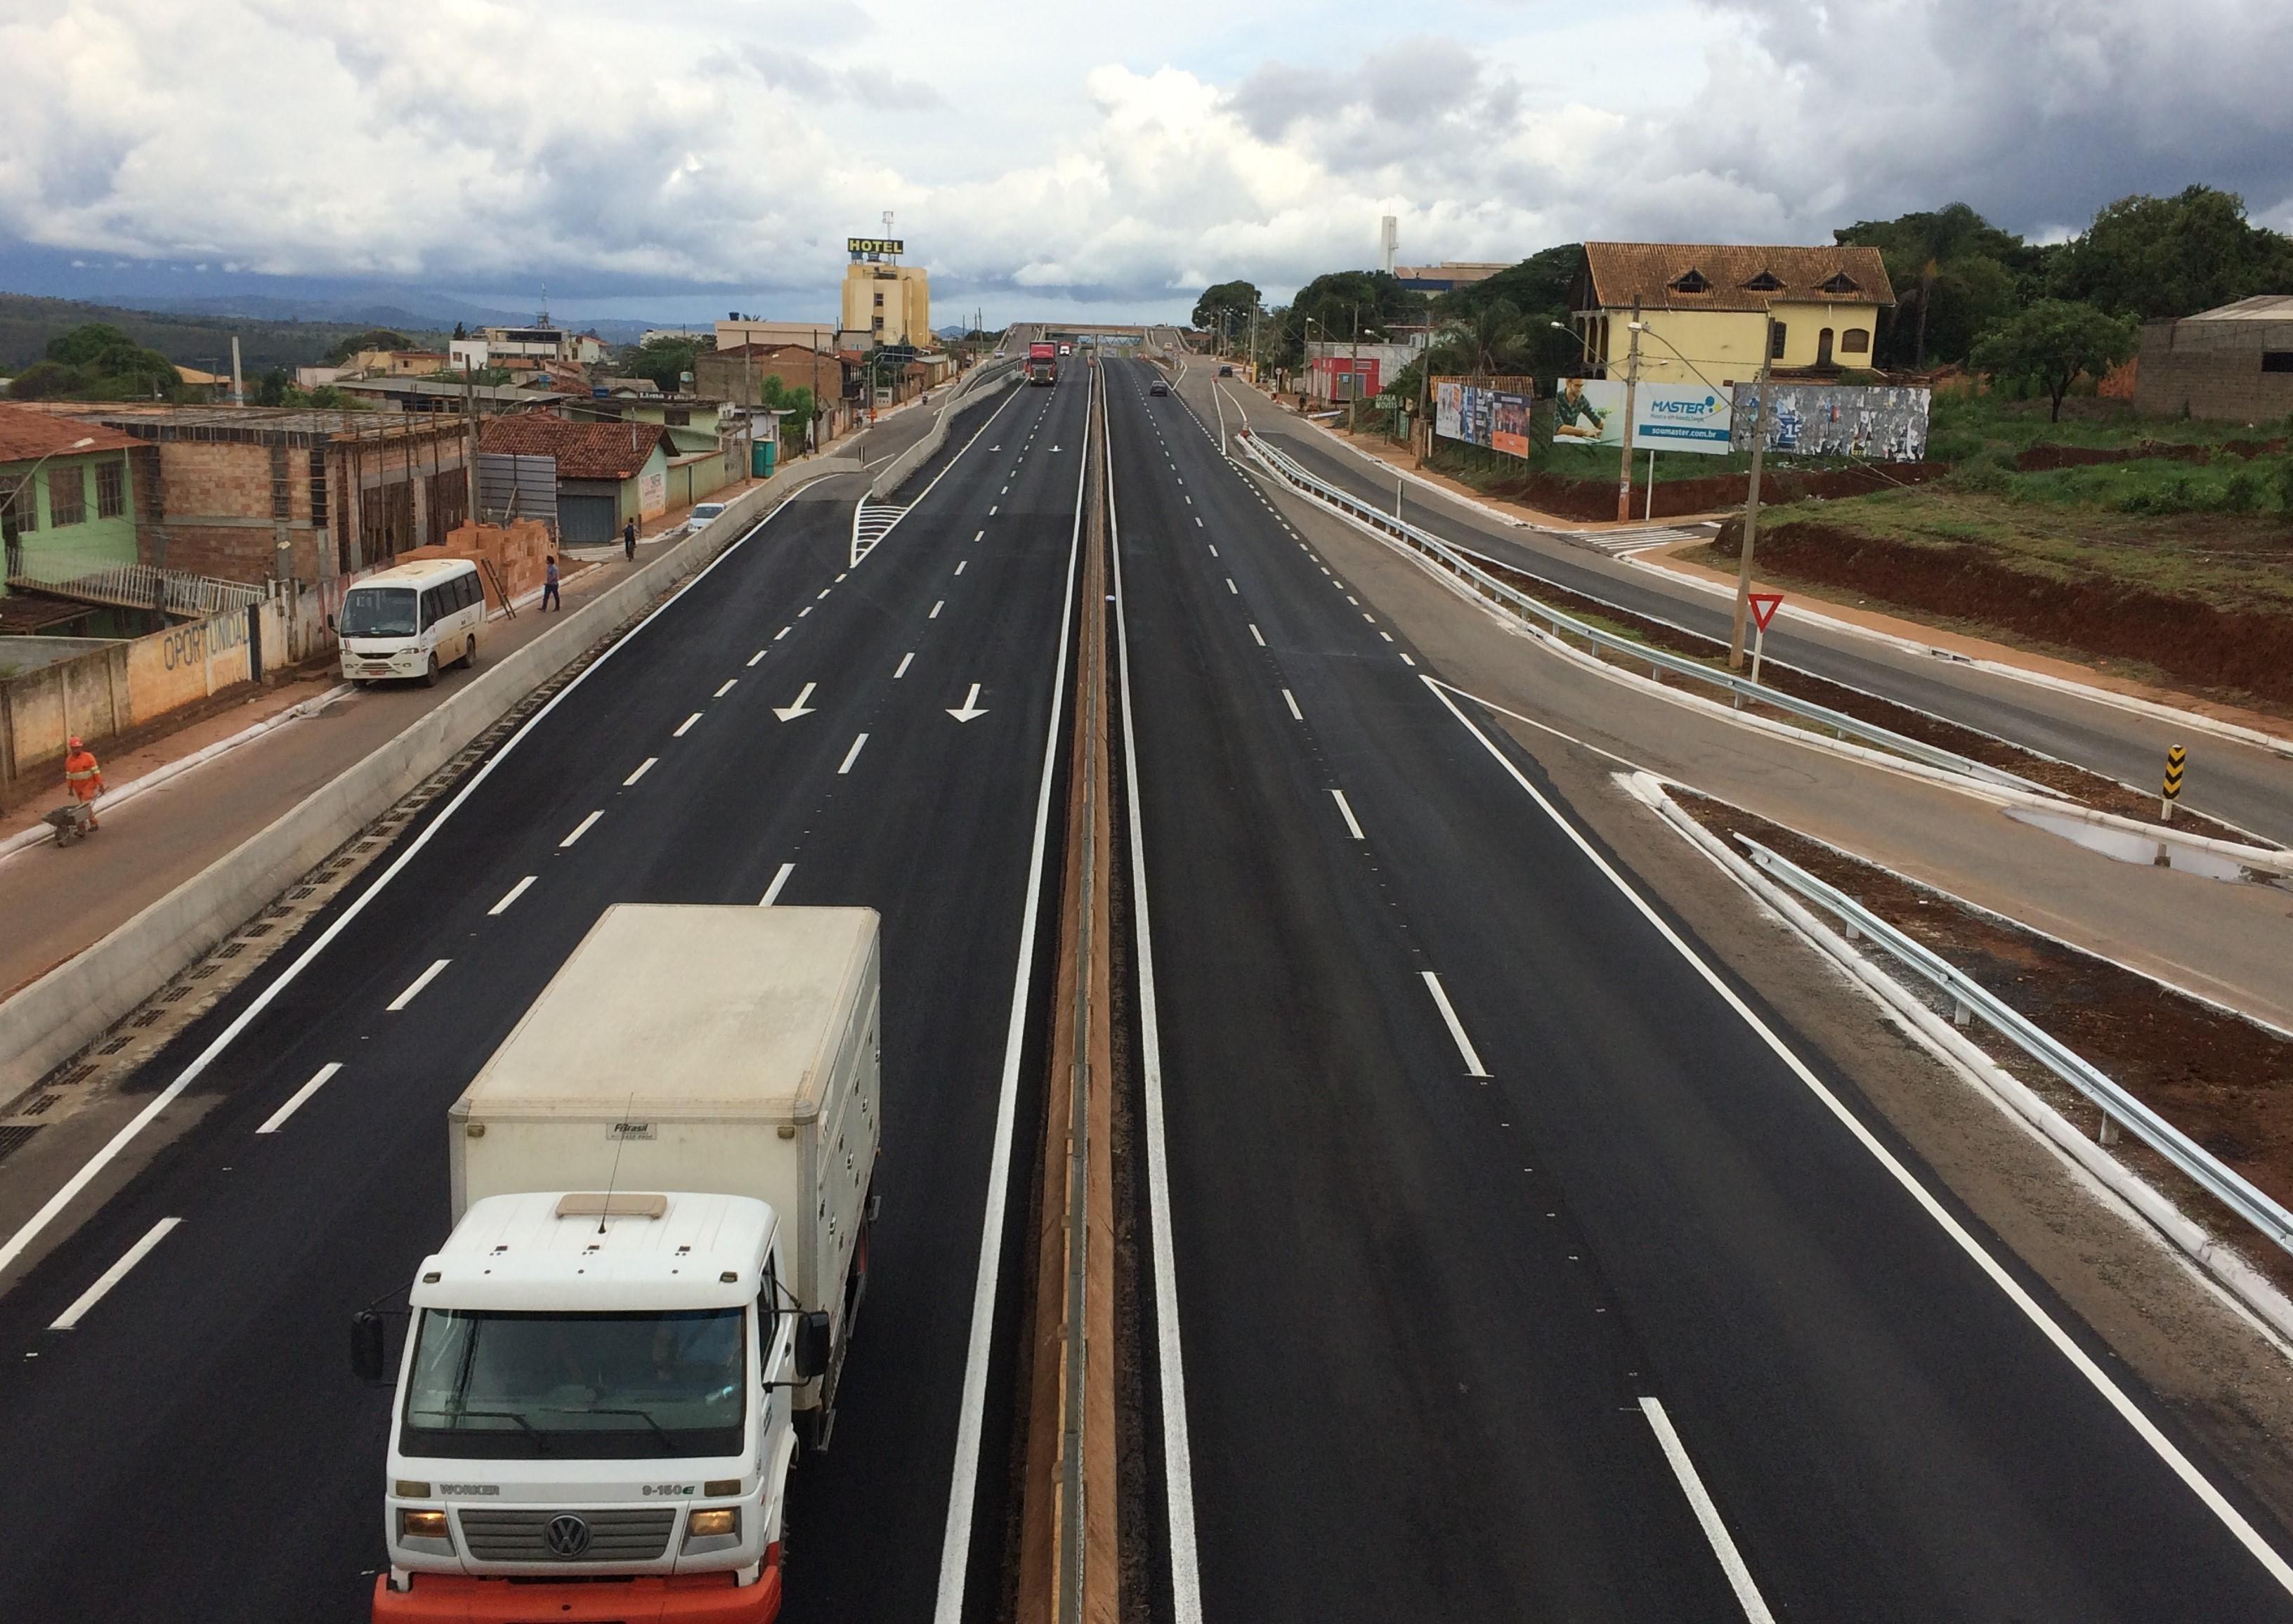 Operação 'Padroeira do Brasil' termina com redução no número de acidentes no Centro-Oeste de MG - Radio Evangelho Gospel